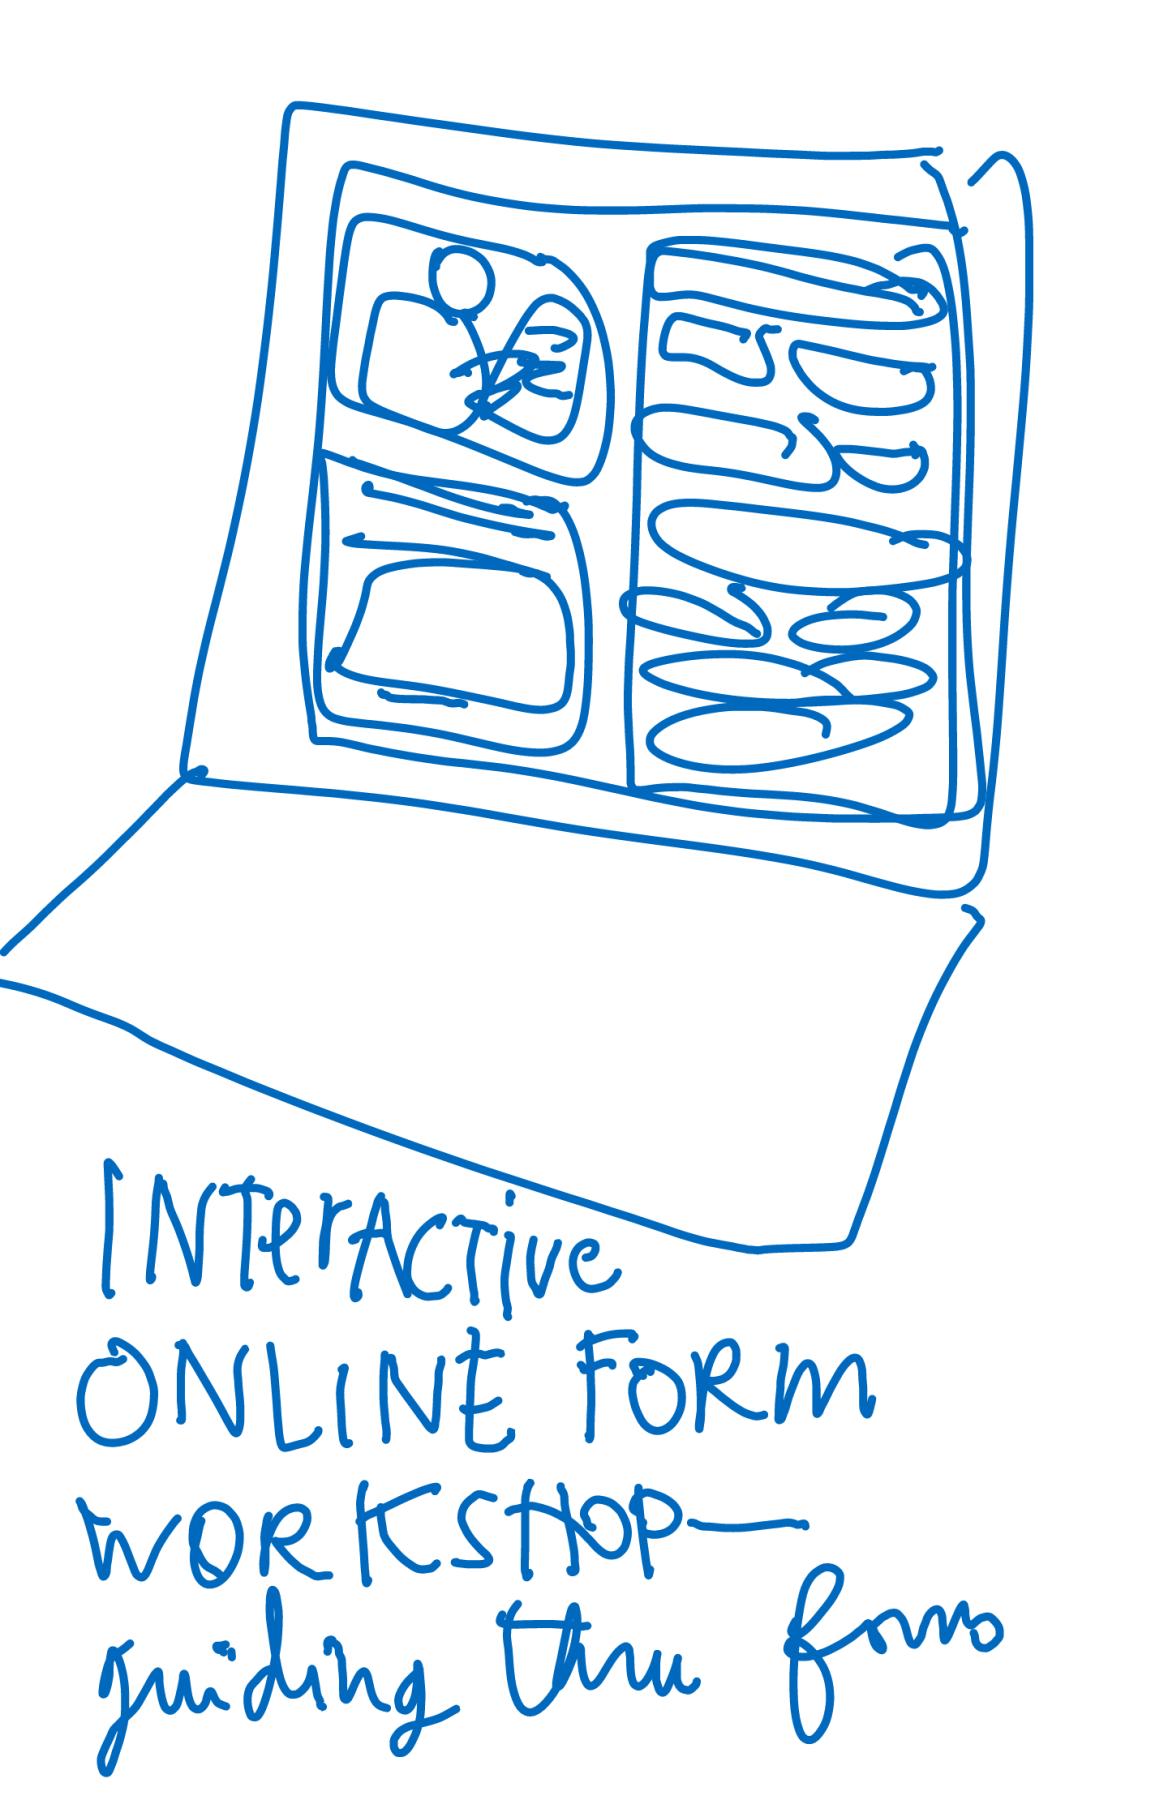 Interactive Online Workshops for legal tasks